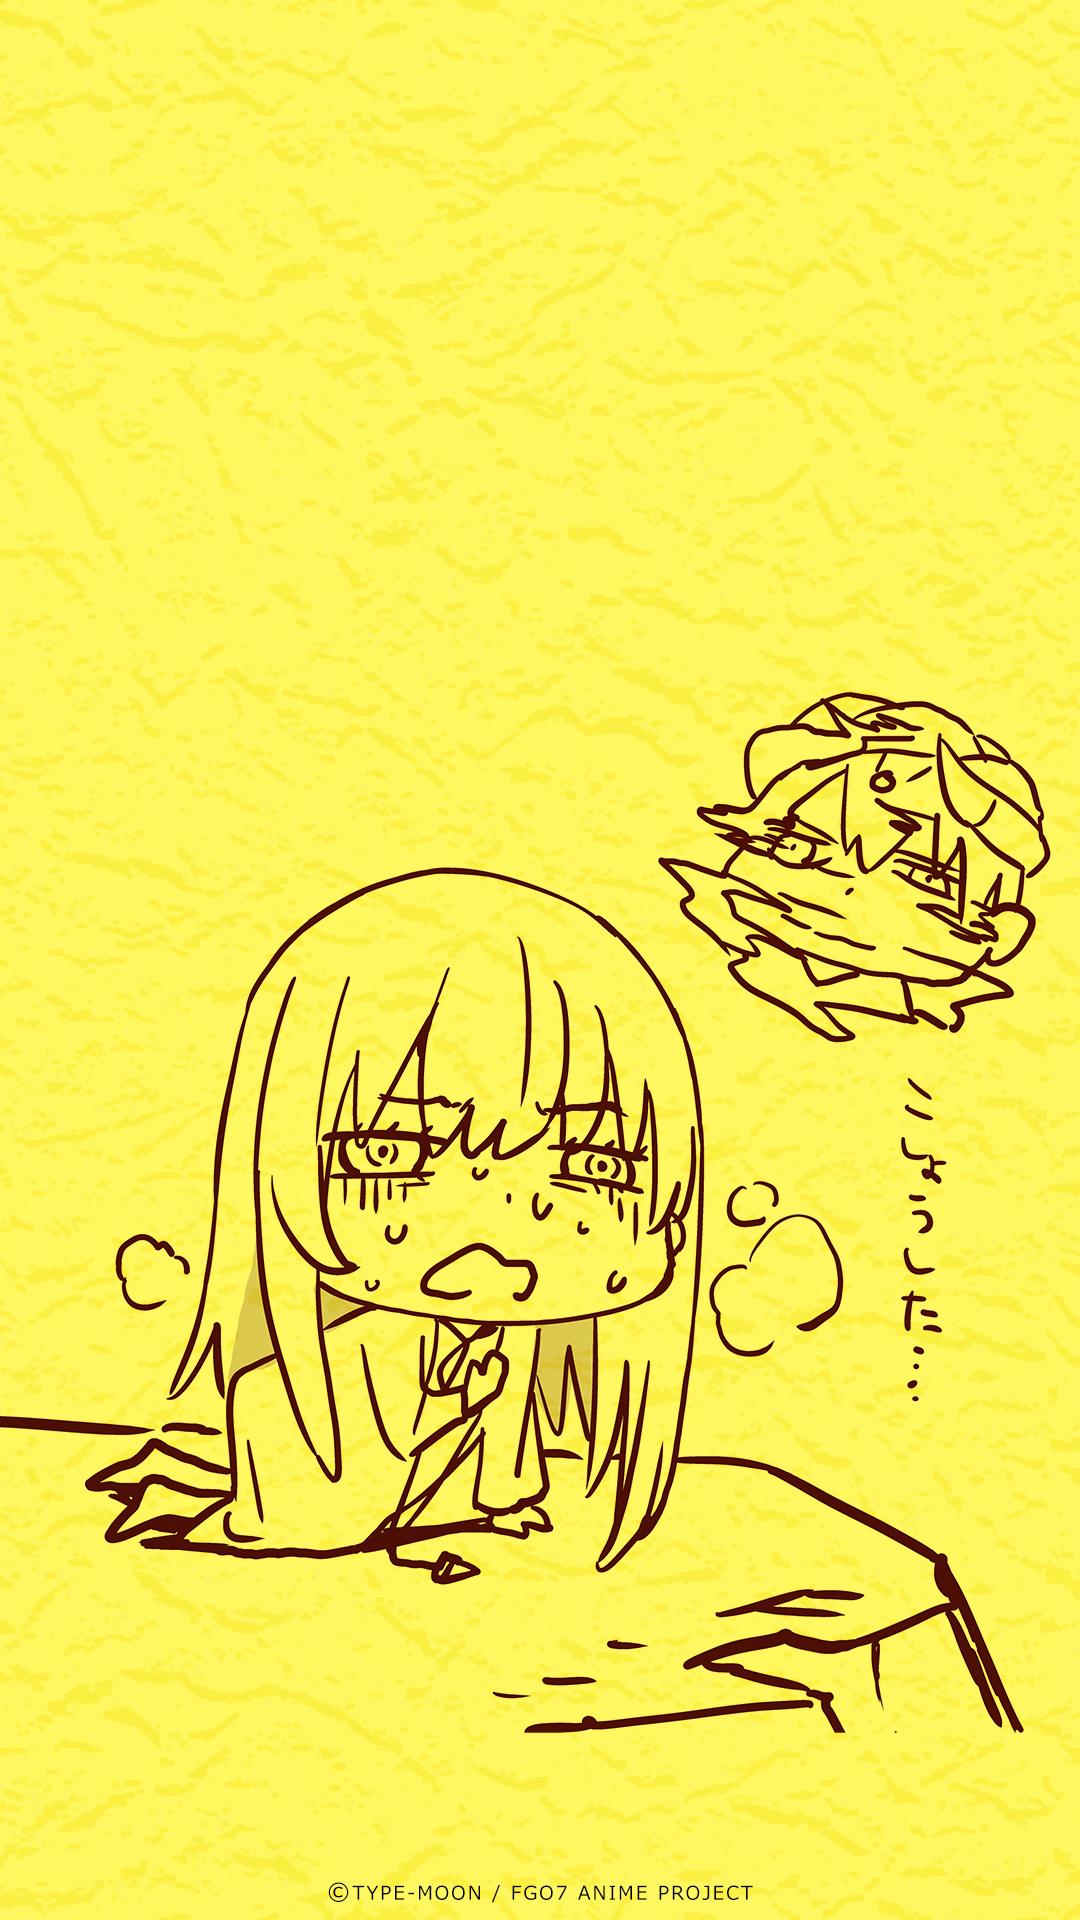 バビロニアアニメ